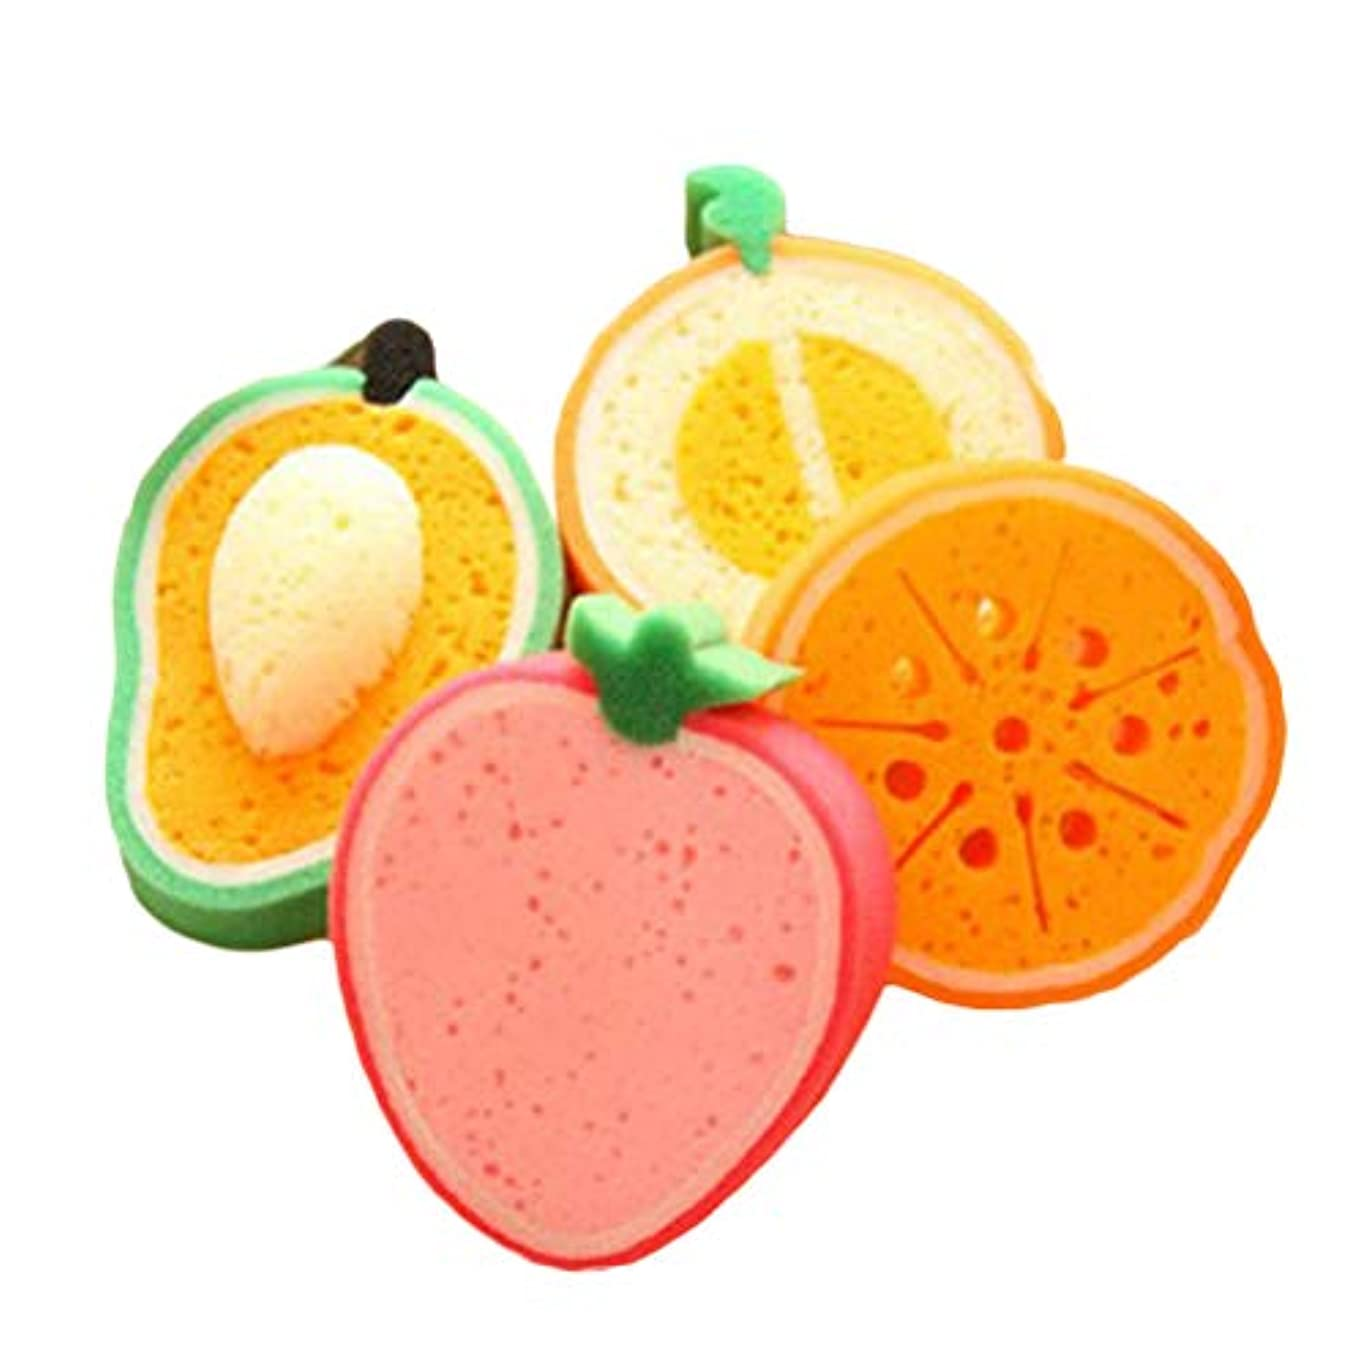 なだめるアセ霧HEALIFTY 4本のベイビーバススポンジ、マンゴーの4つのファンキーフルーツスポンジセットハニー?ドウ?メロンオレンジとストロベリー